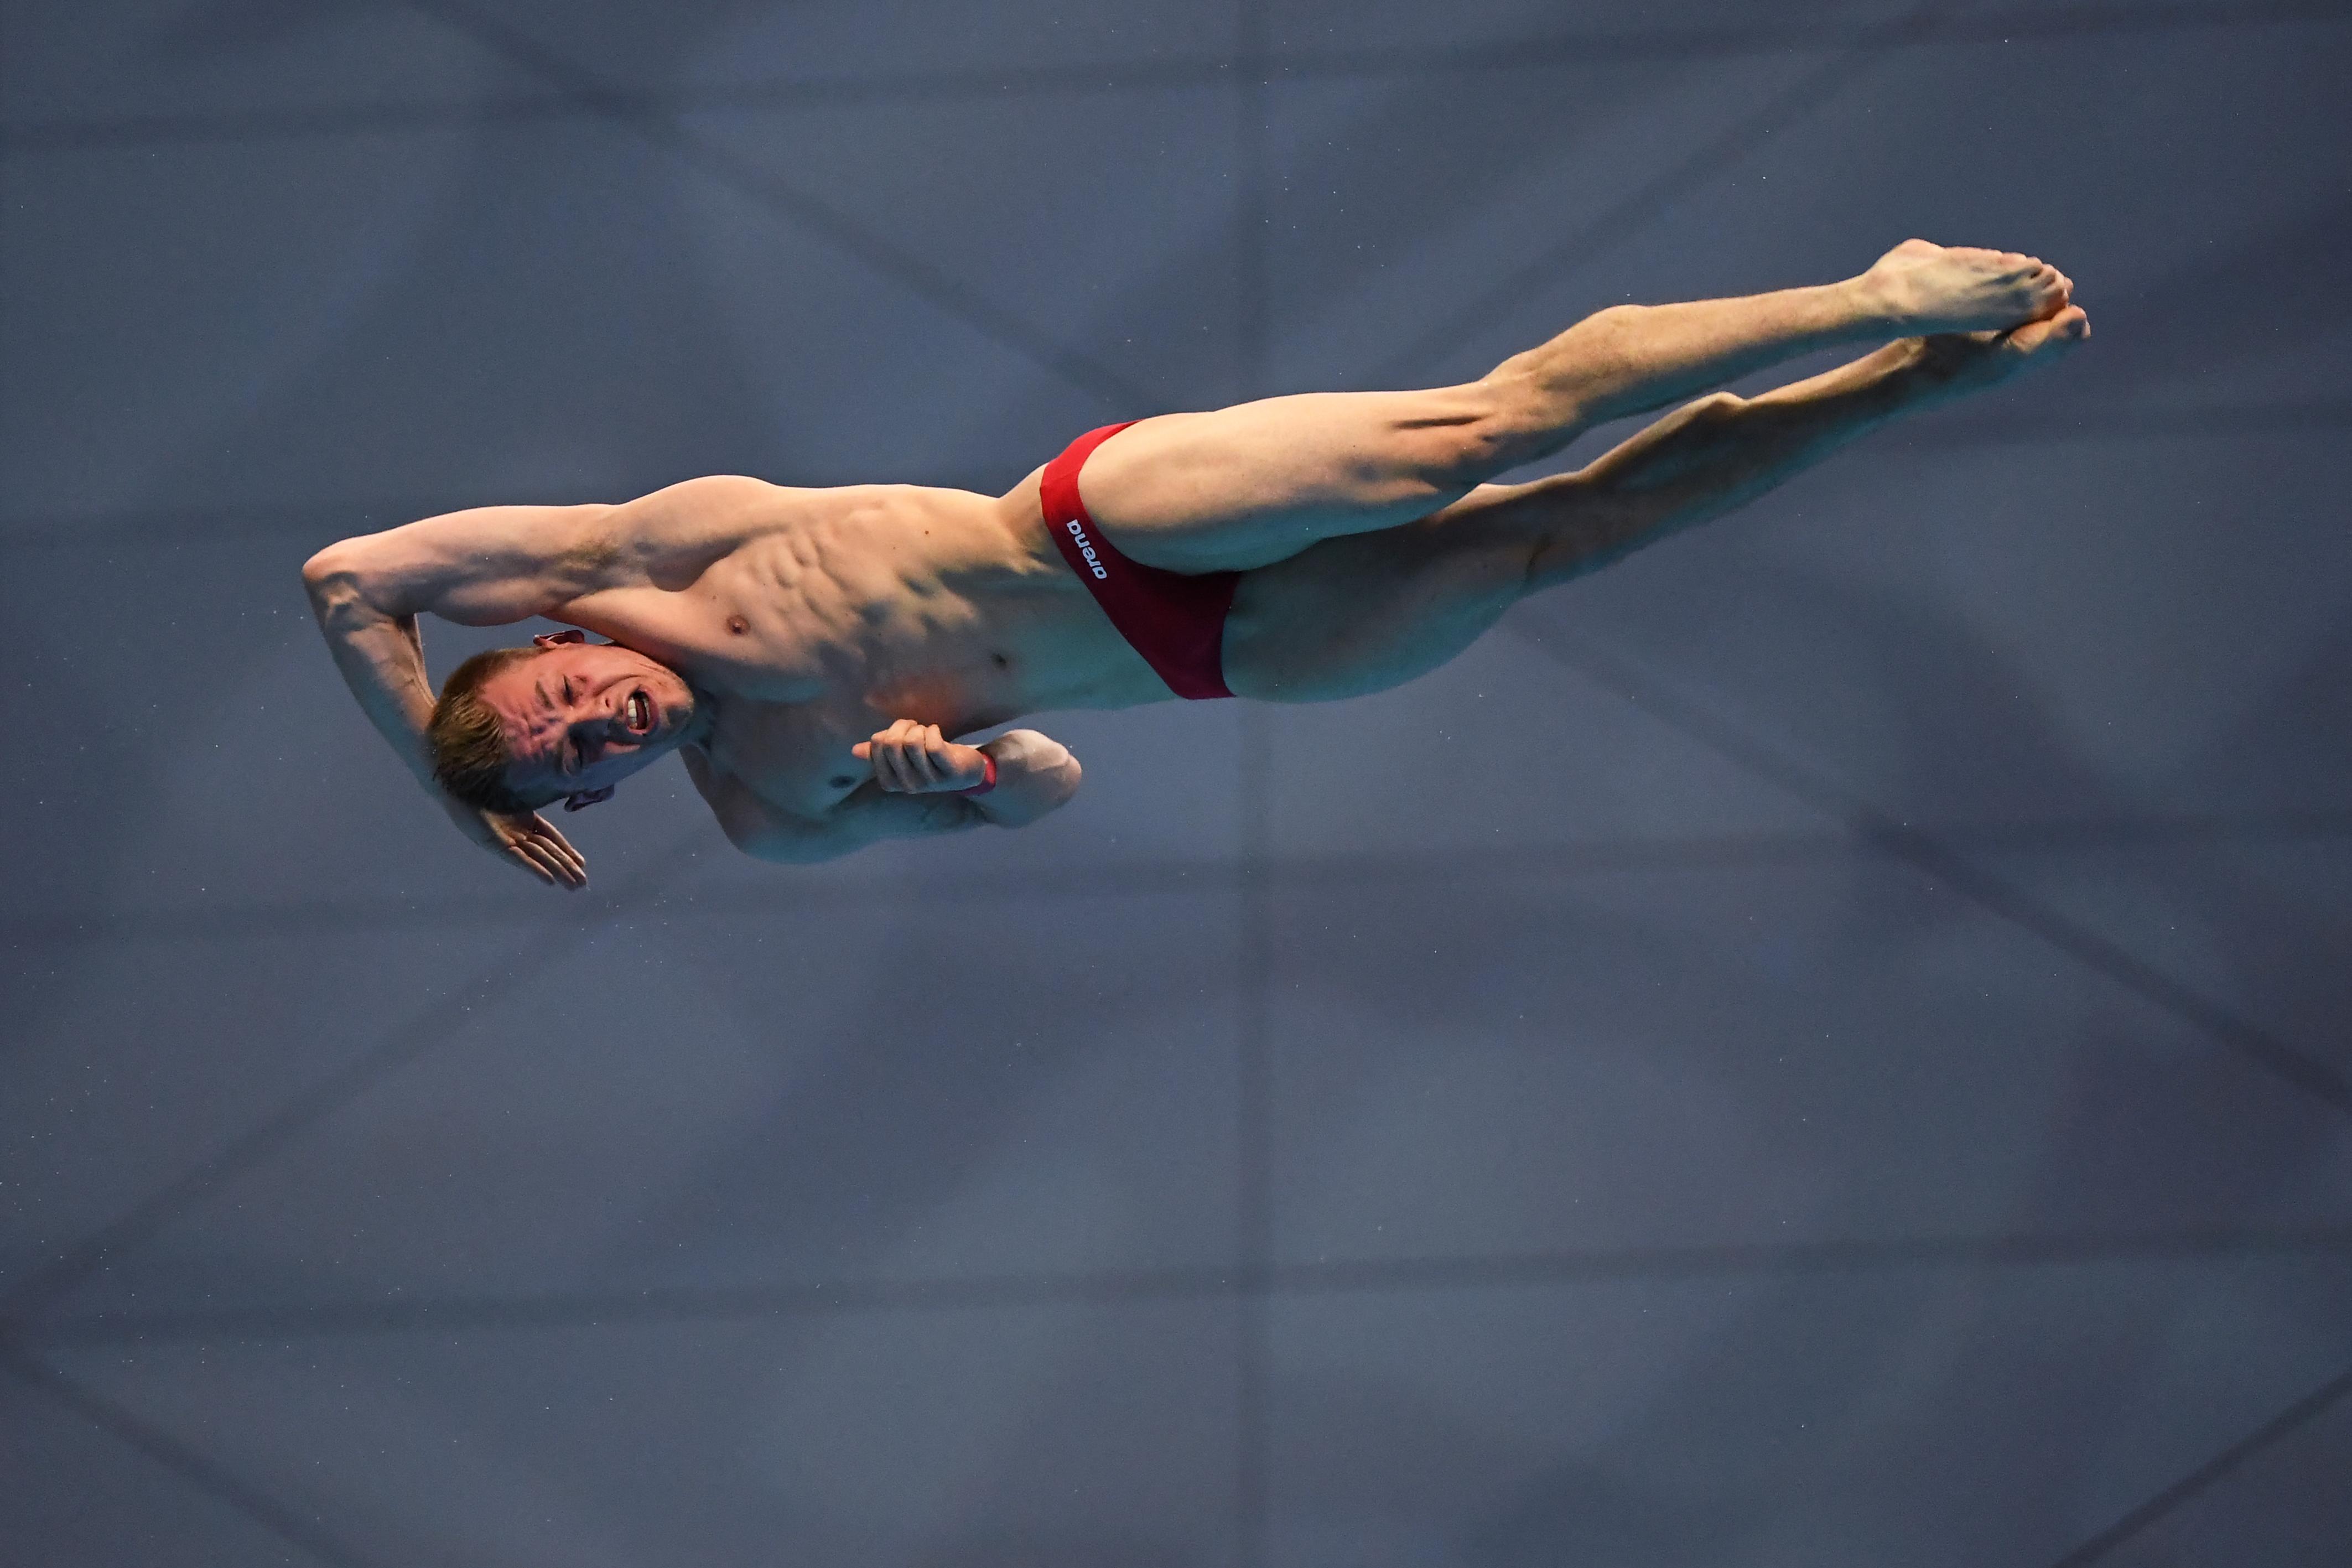 Budapesti vizes Európa-bajnokság: 18 ezer teszt, 4 pozitív minta, 2 szökési kísérlet